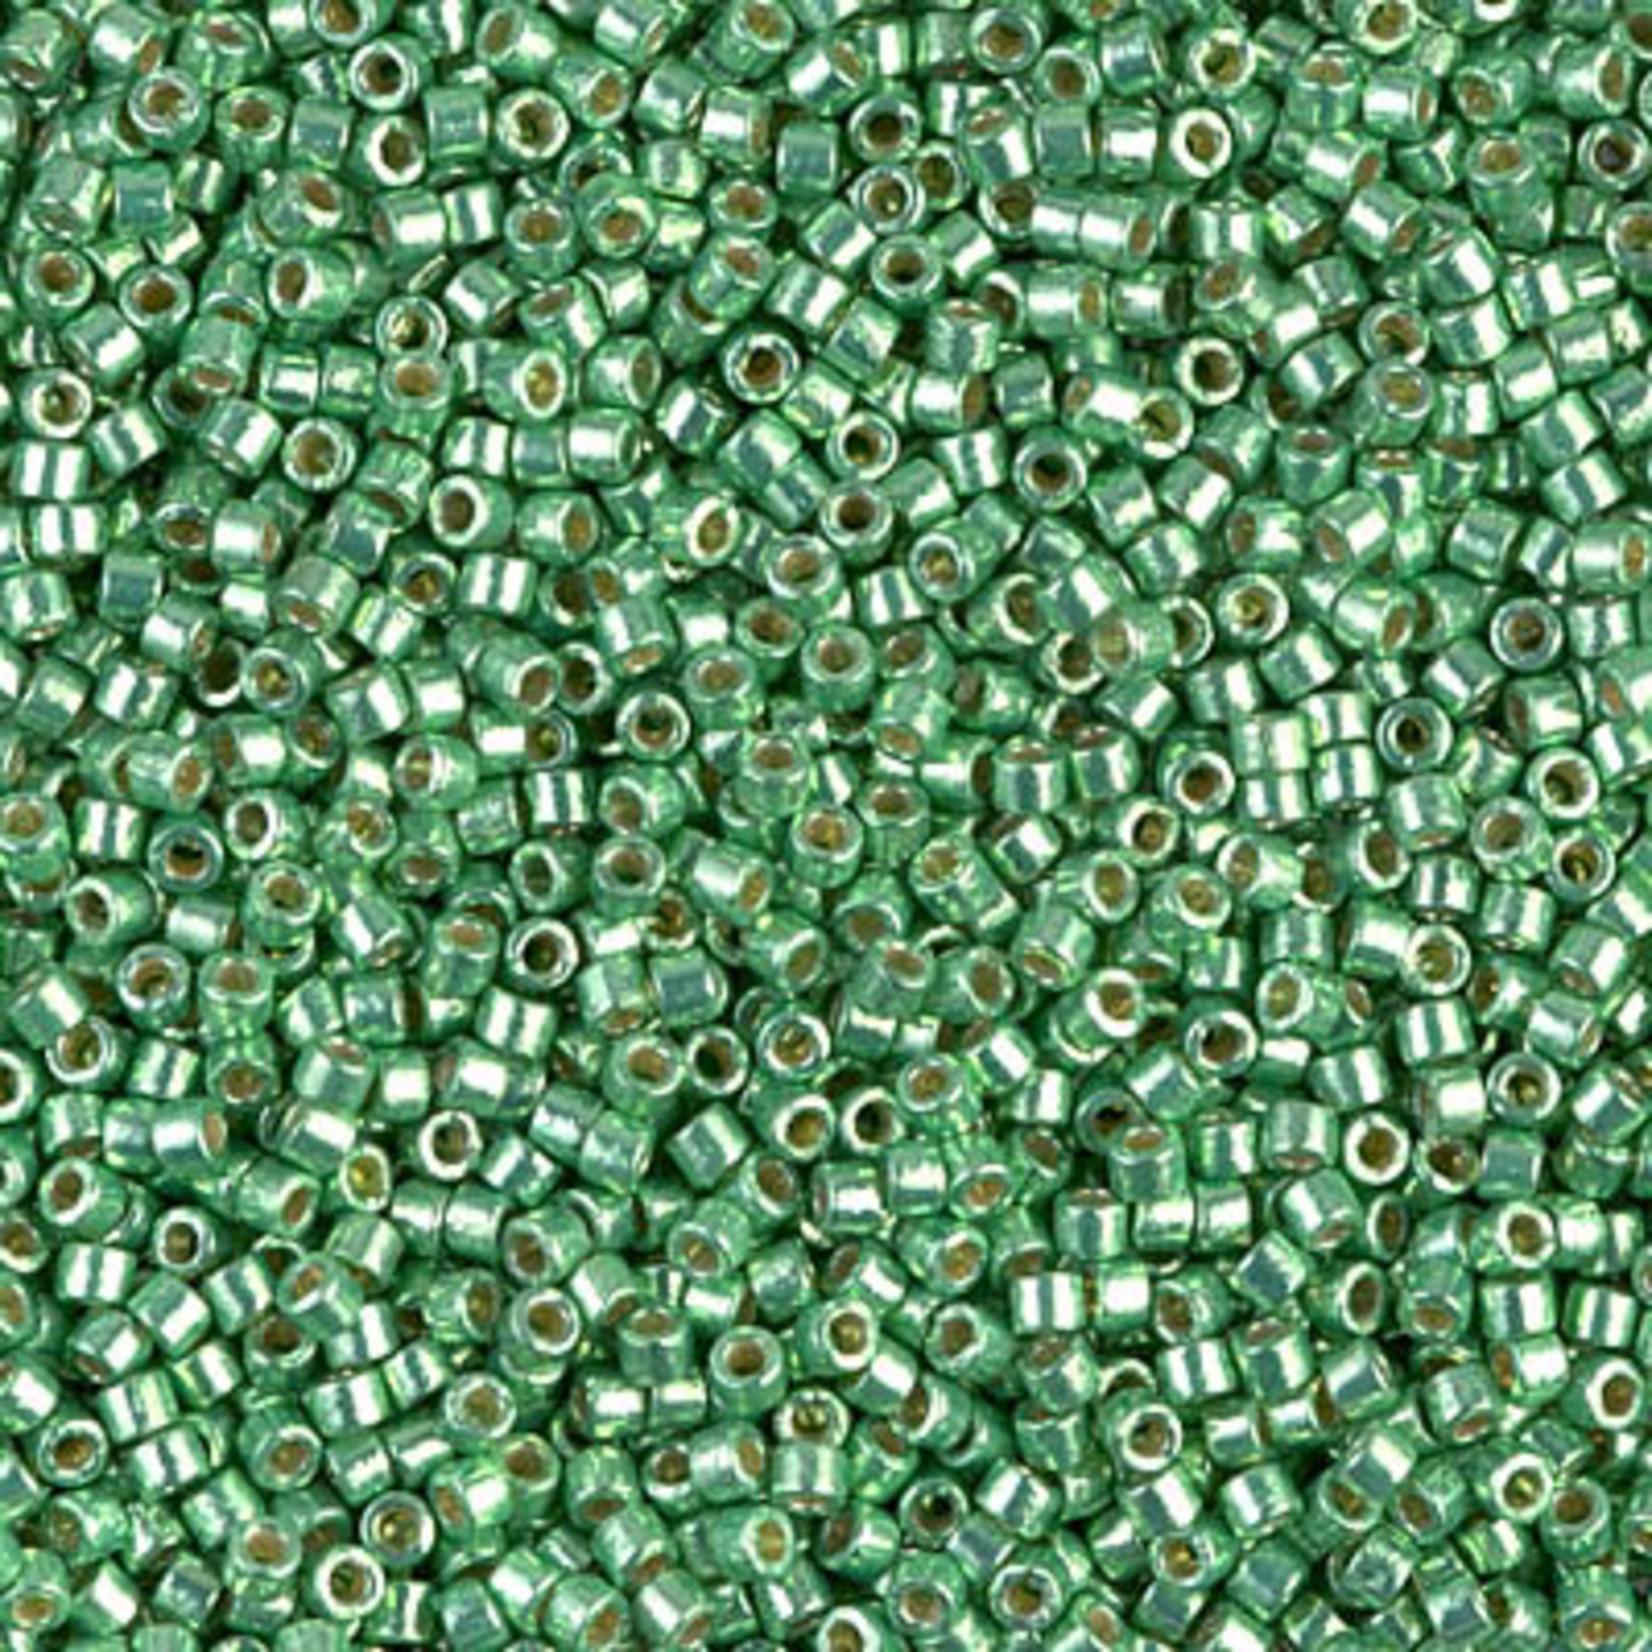 Miyuki 7.2 GM DB1844 11/0 Delica: Dk Mint Green DC GA (APX 1400 PCS)